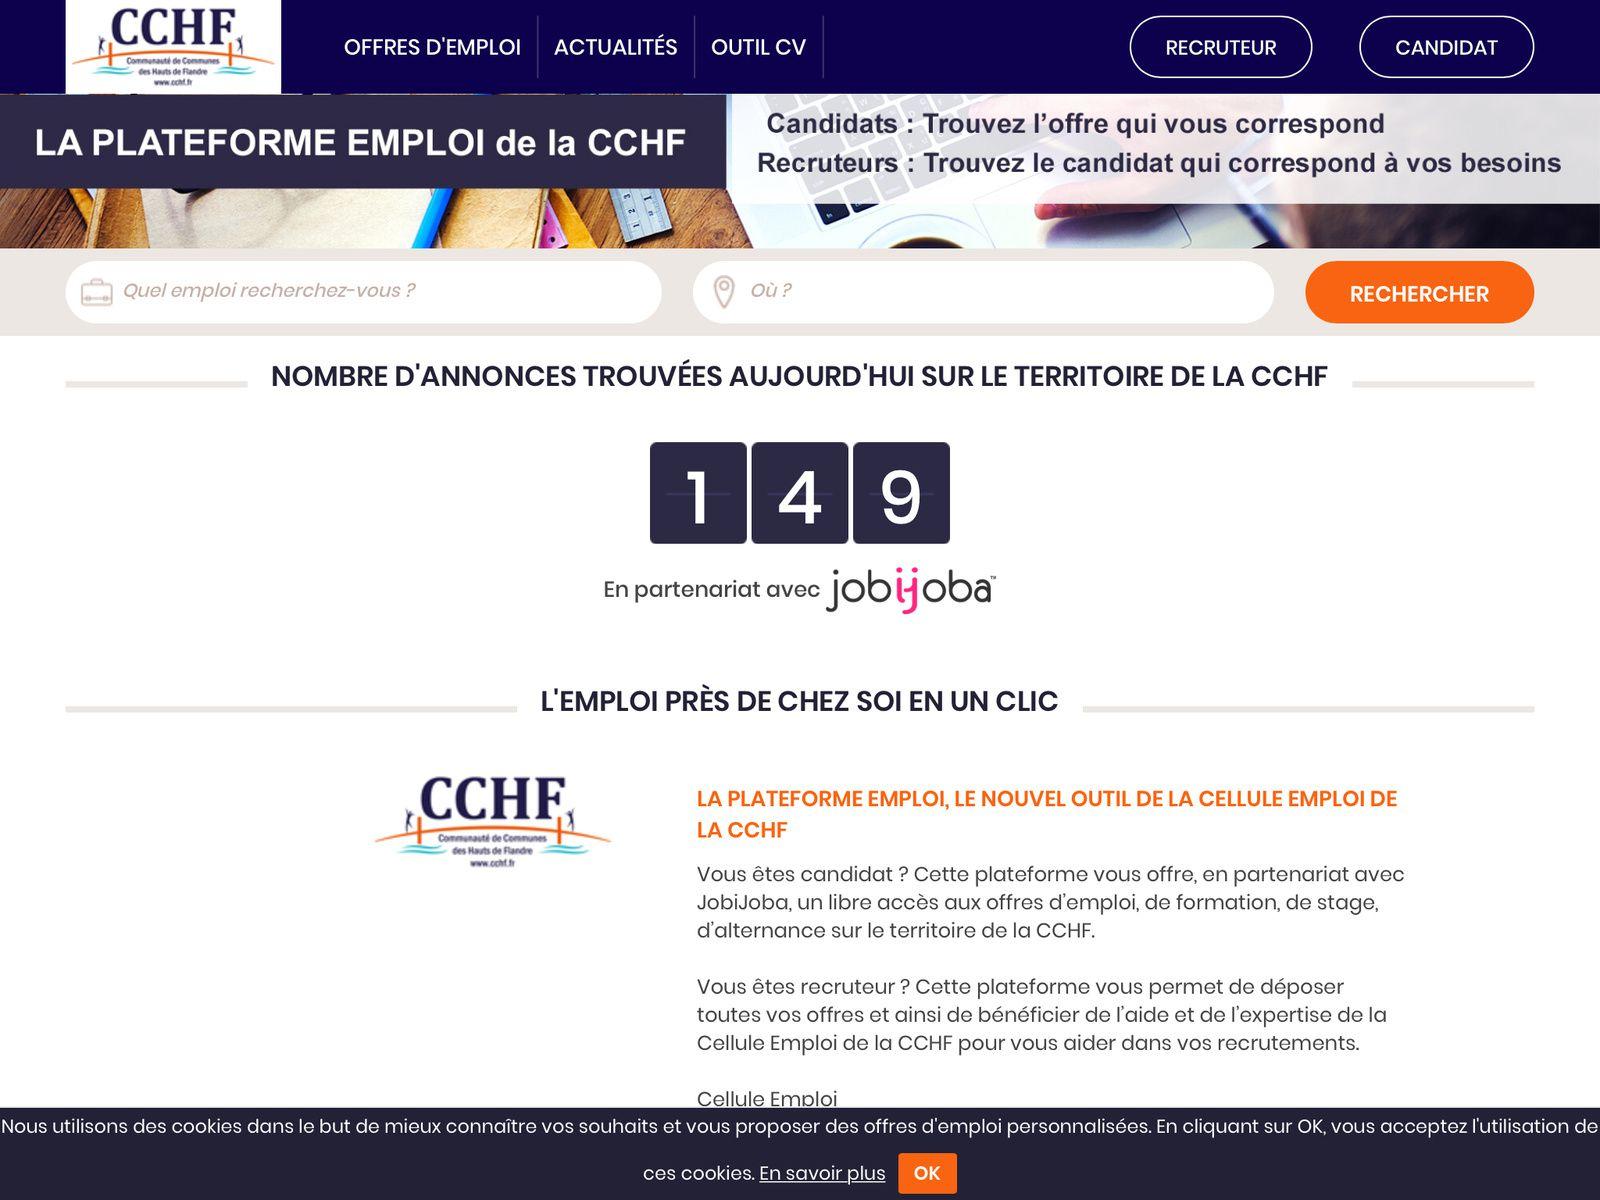 149 offres d'emploi sur le site de la CCHF.